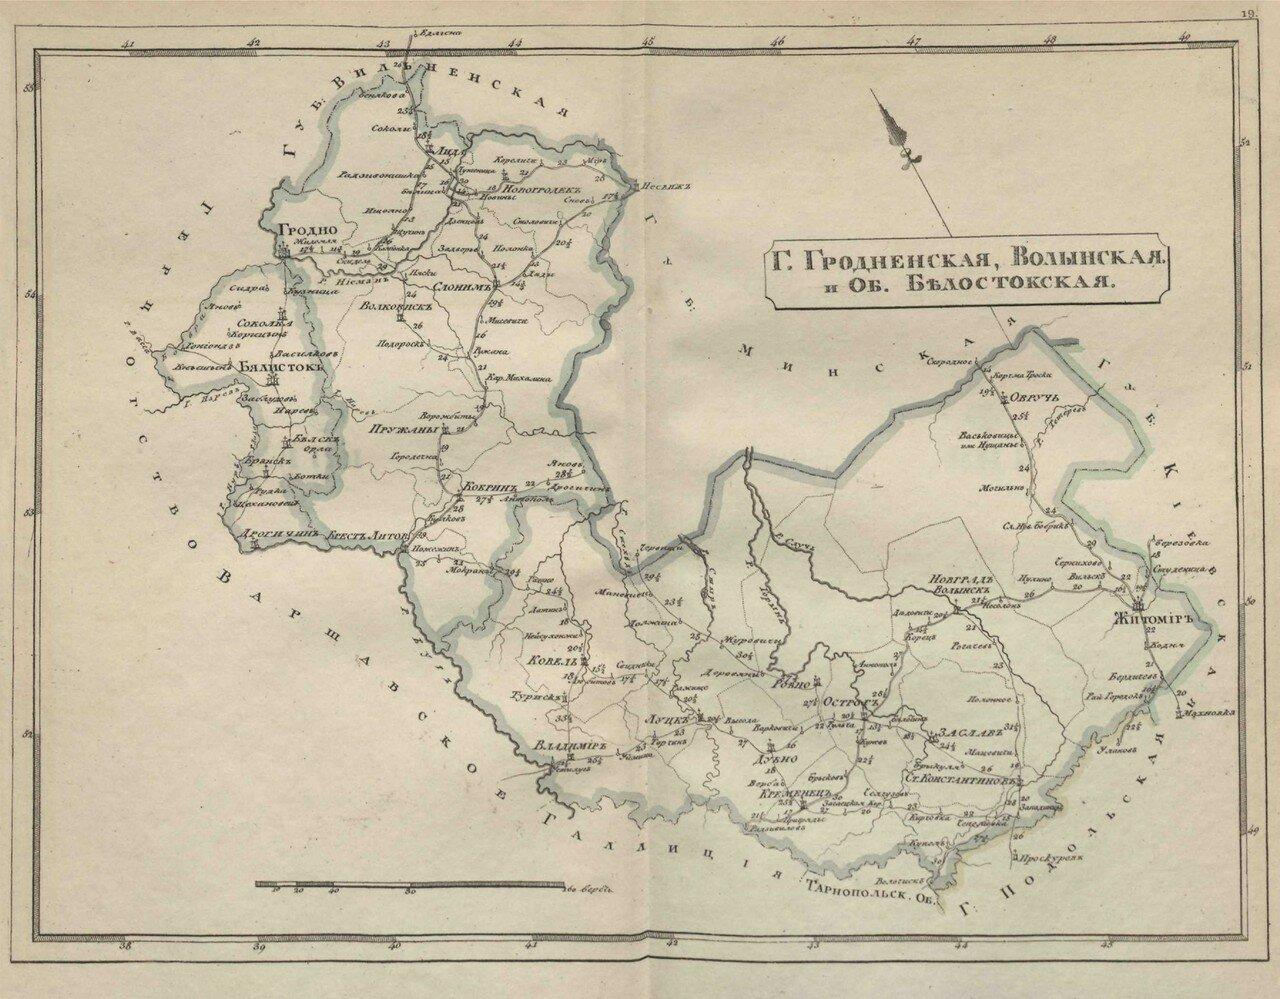 20. Гродненская, Волынская губернии и область Белостокская